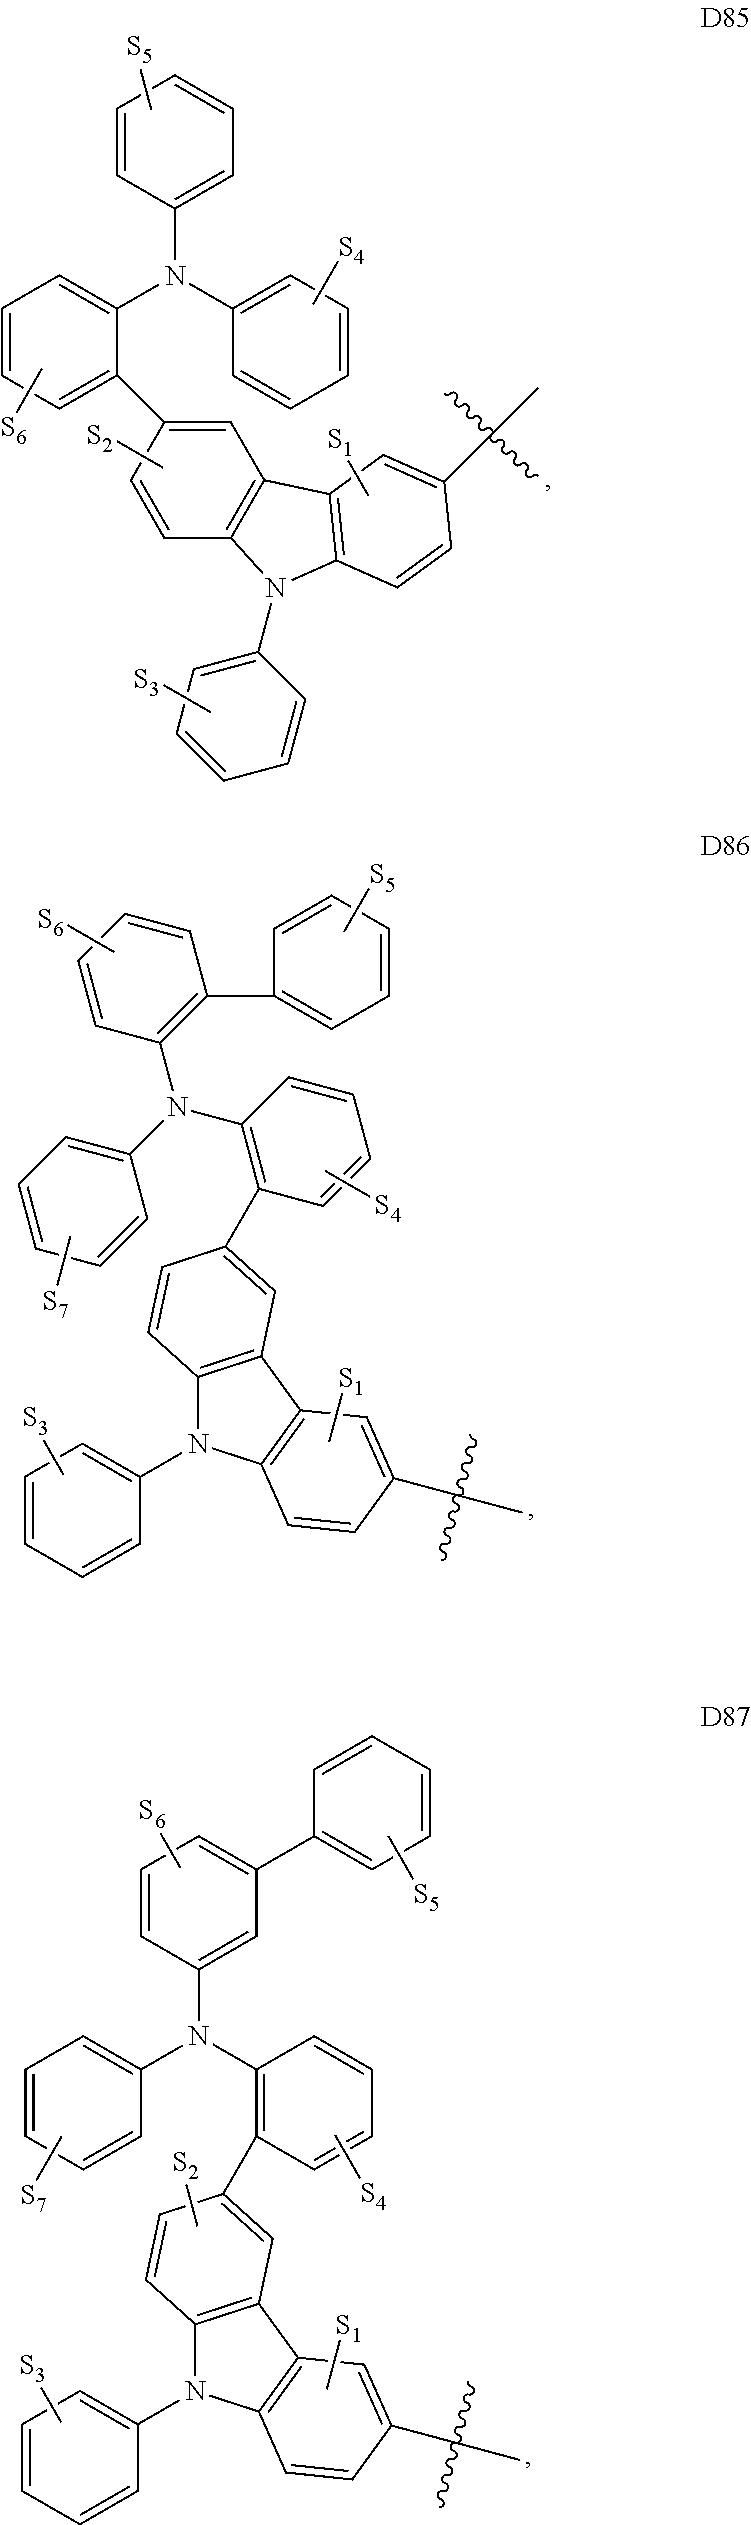 Figure US09324949-20160426-C00073